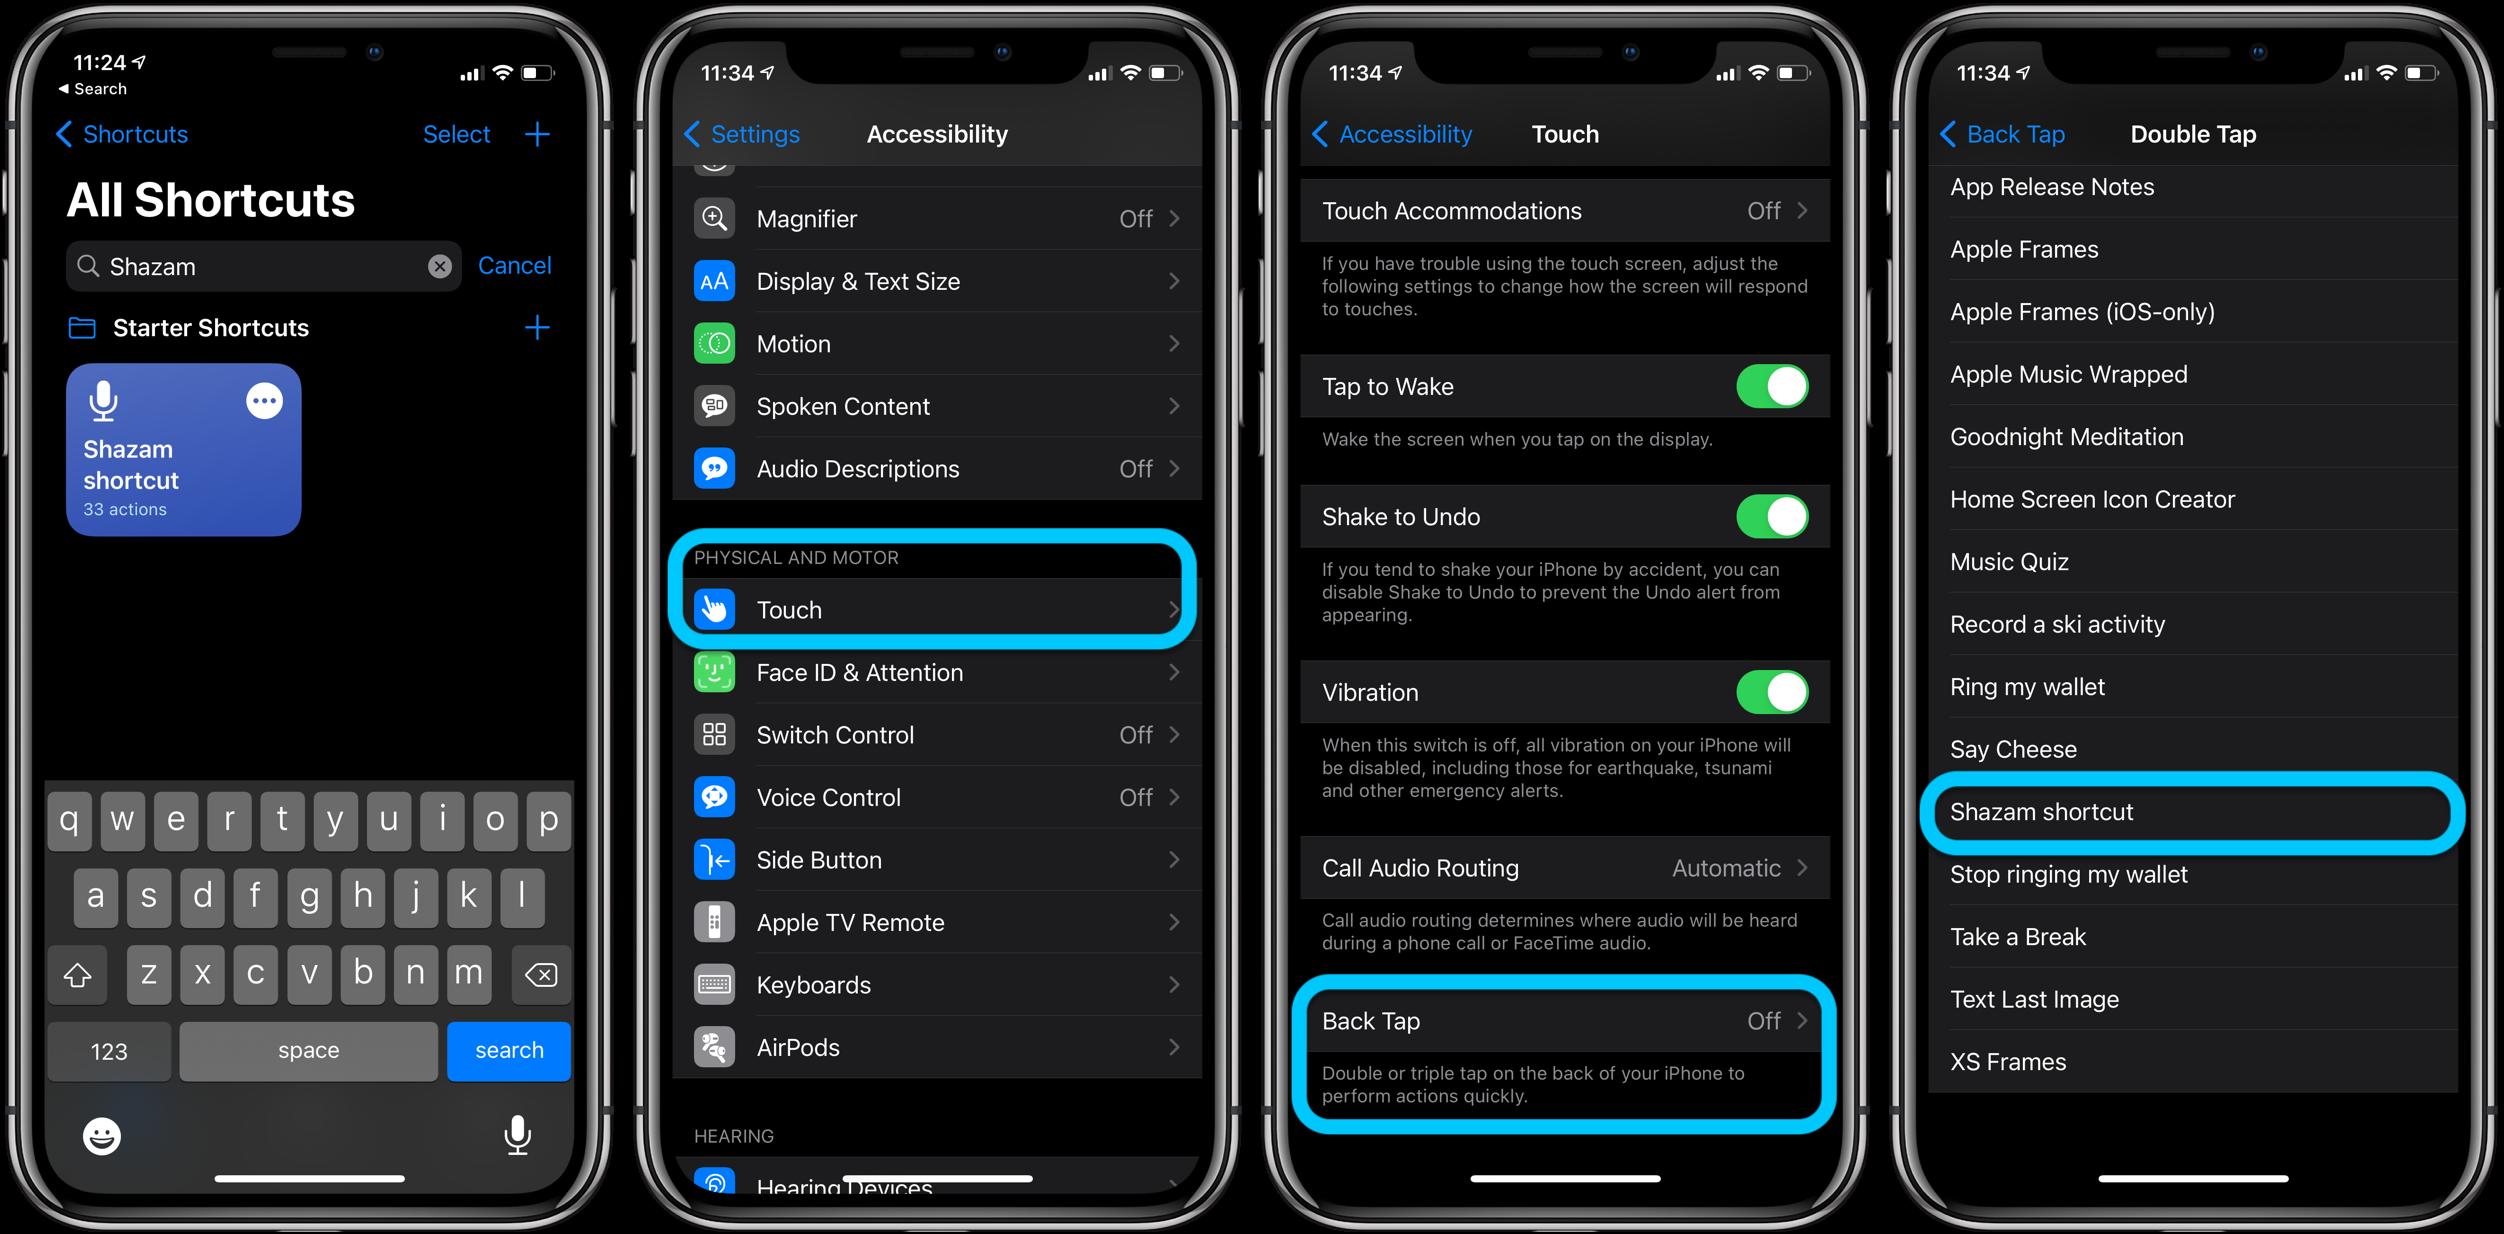 Shazam Back Tap shortcut iPhone iOS 14